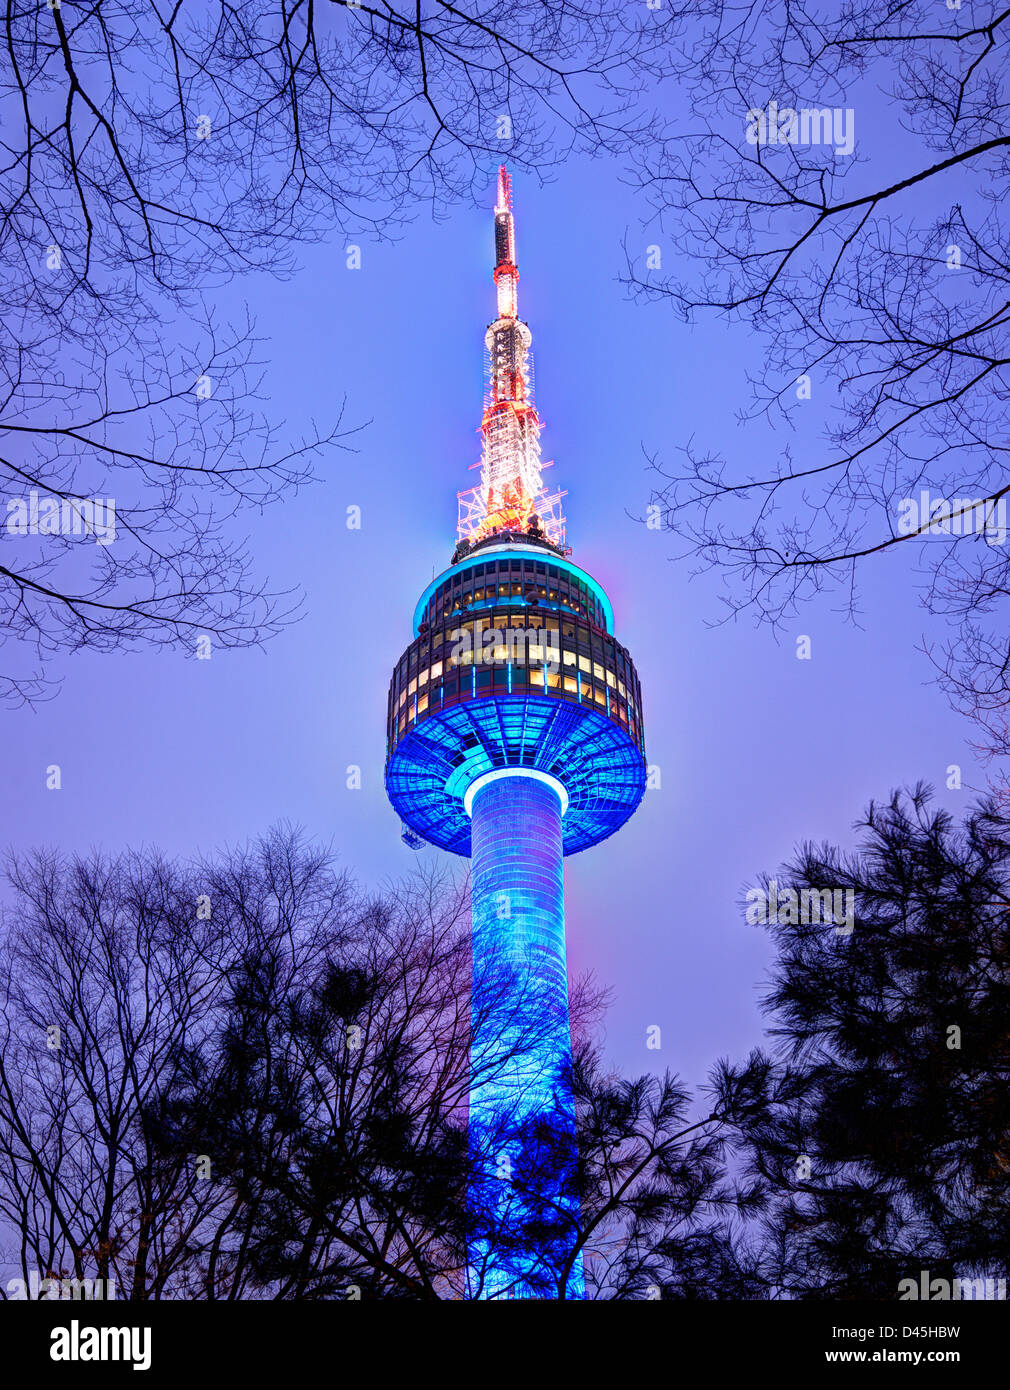 La Torre N Seoul Febbraio 17, 2013 a Seoul, KR. Essa segna il punto più alto in Seoul. Immagini Stock